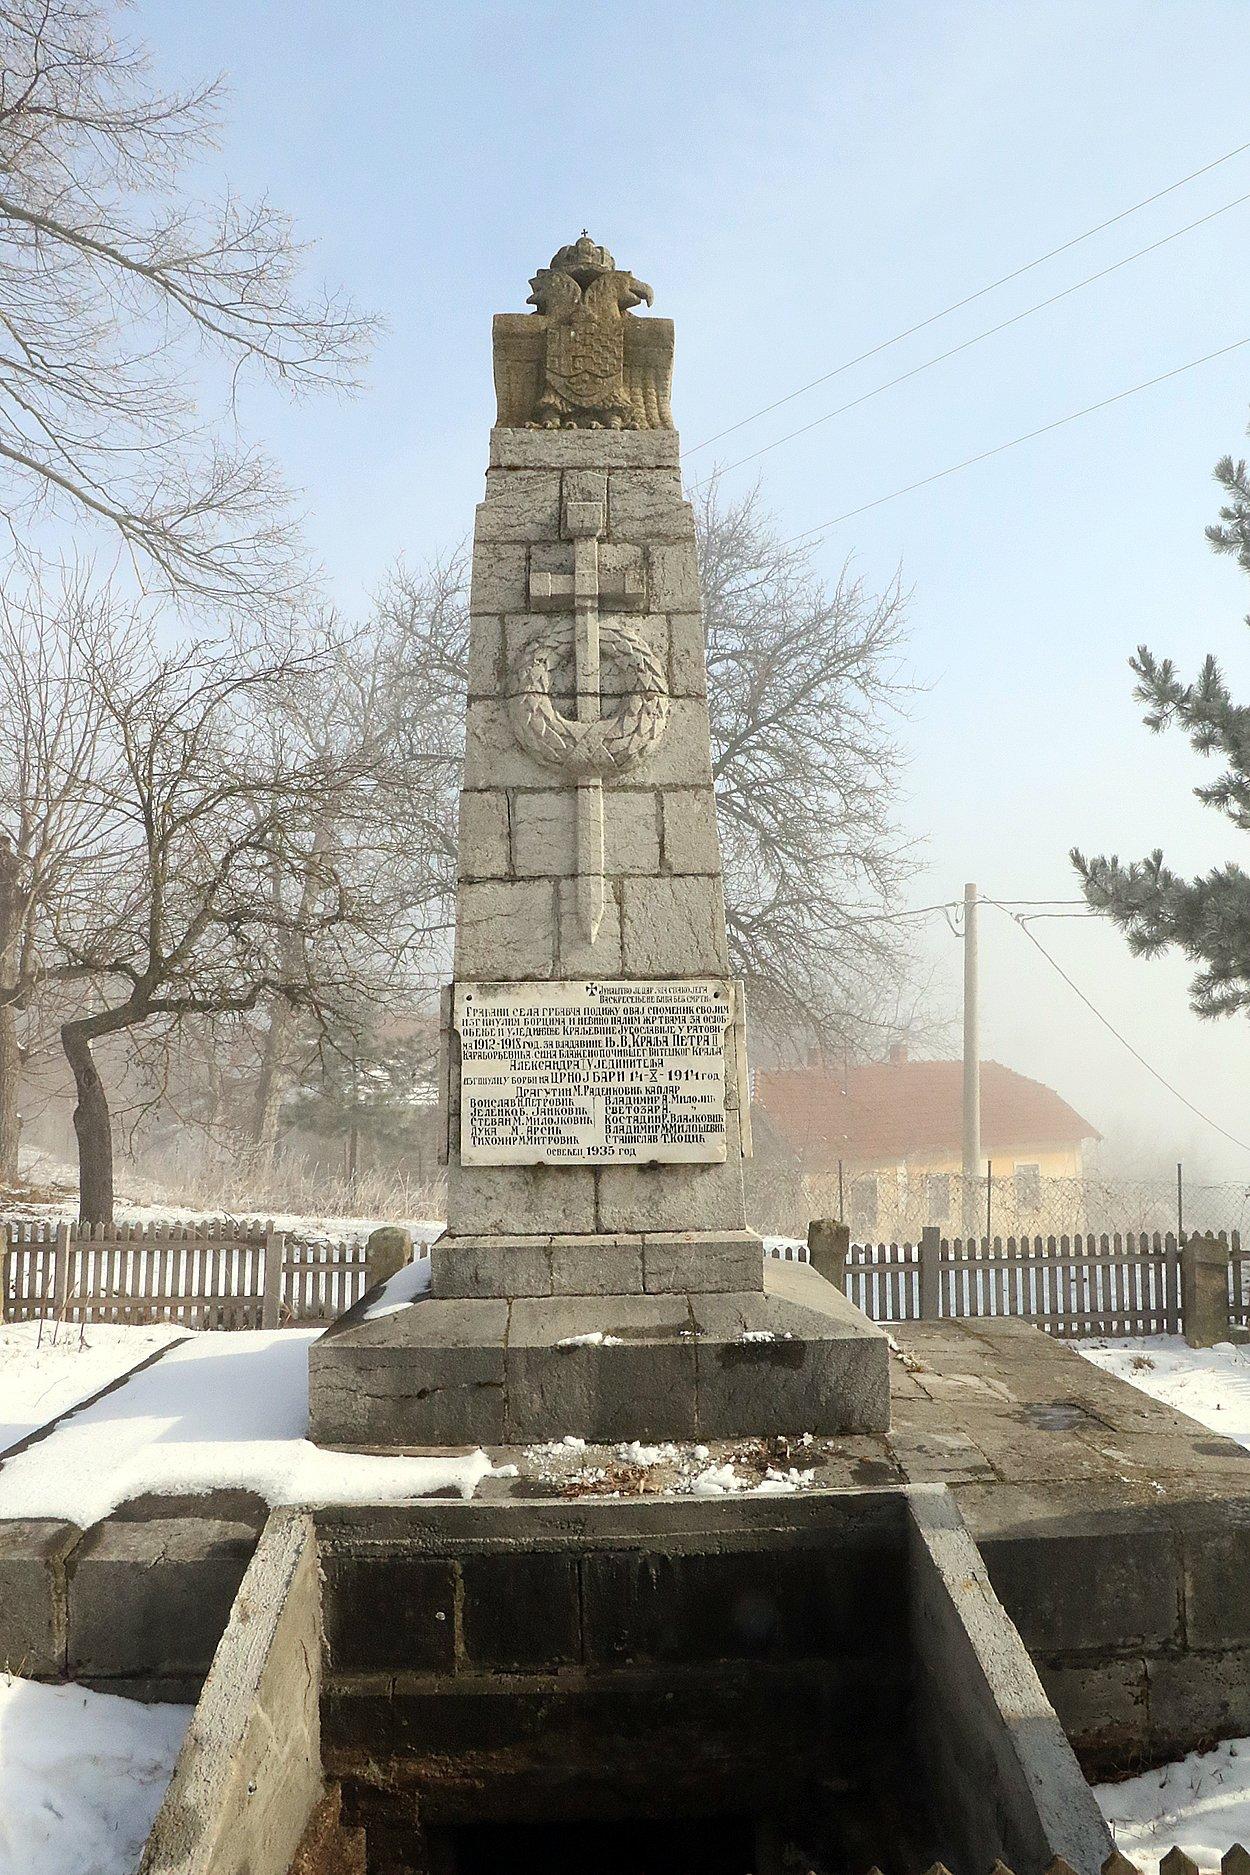 U martu obeležavanje stogodišnjice Svrljiško-topličkog ustanka